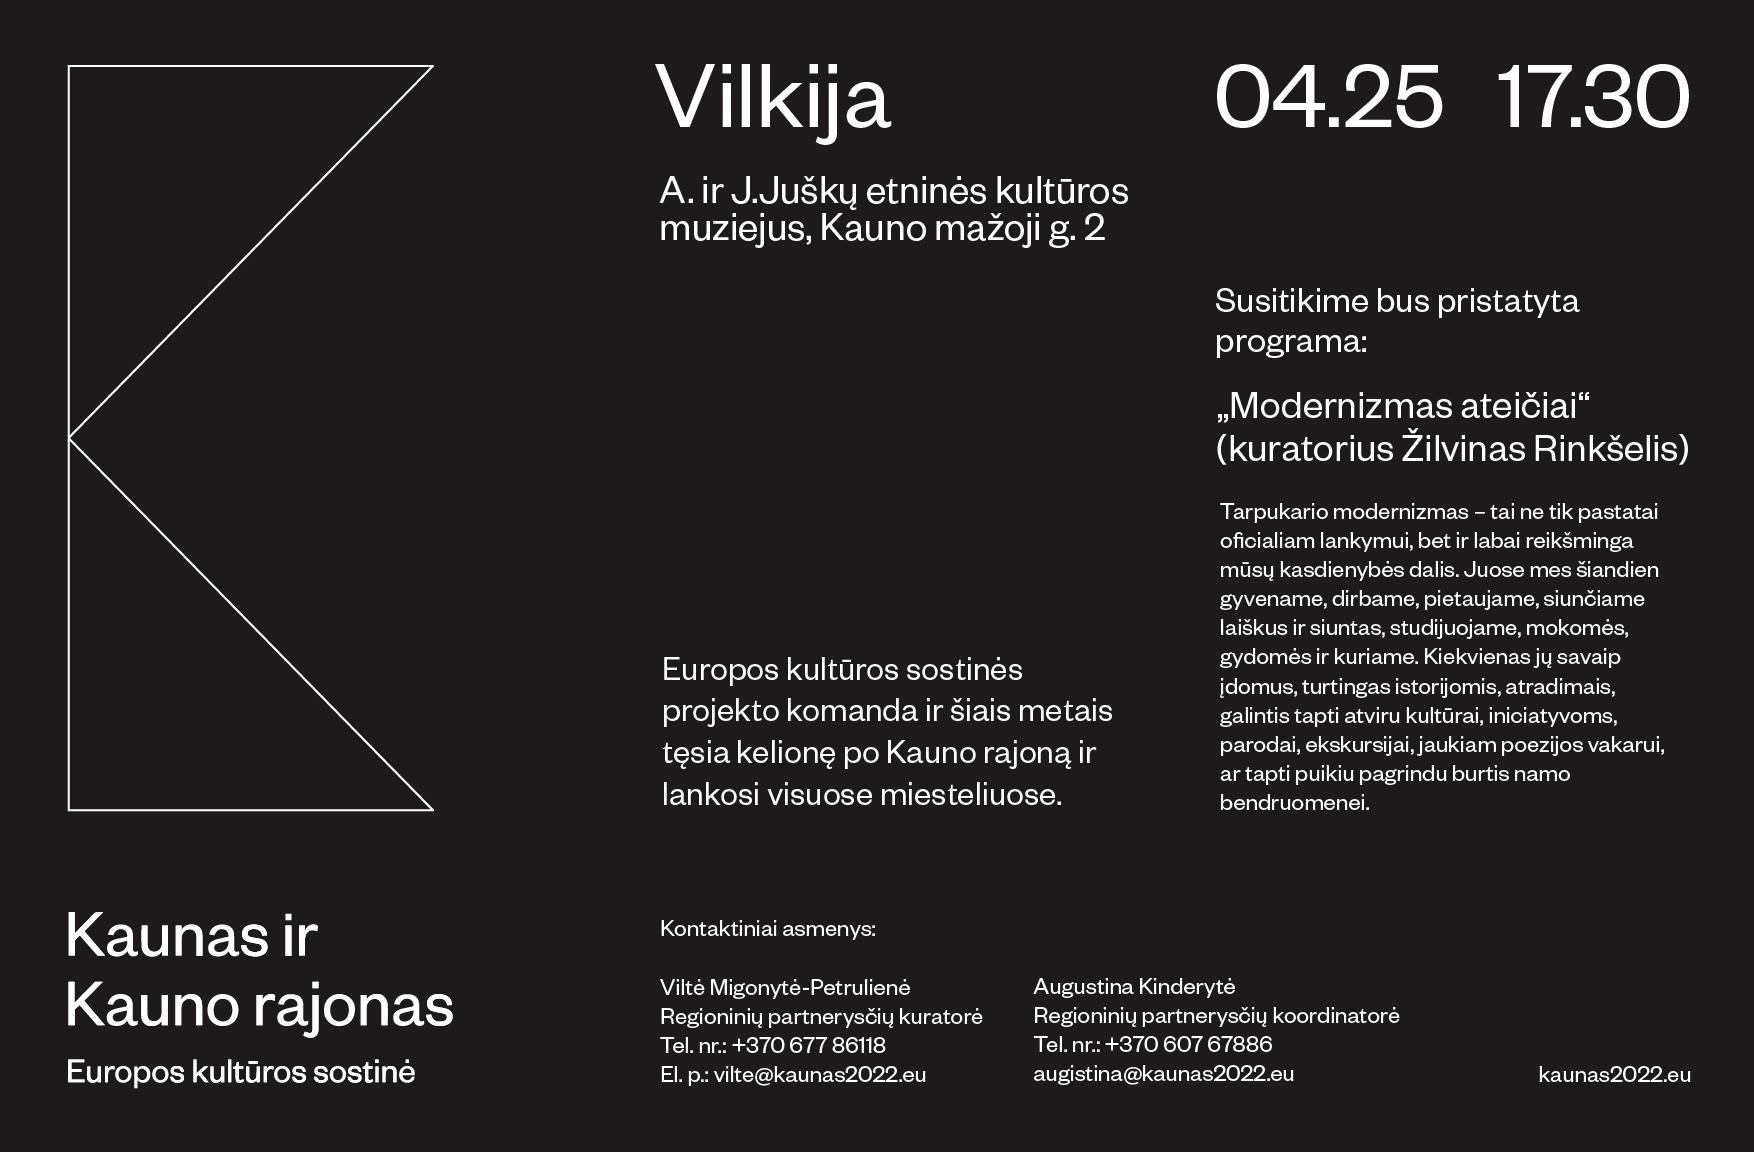 Vilkija_modernizmas